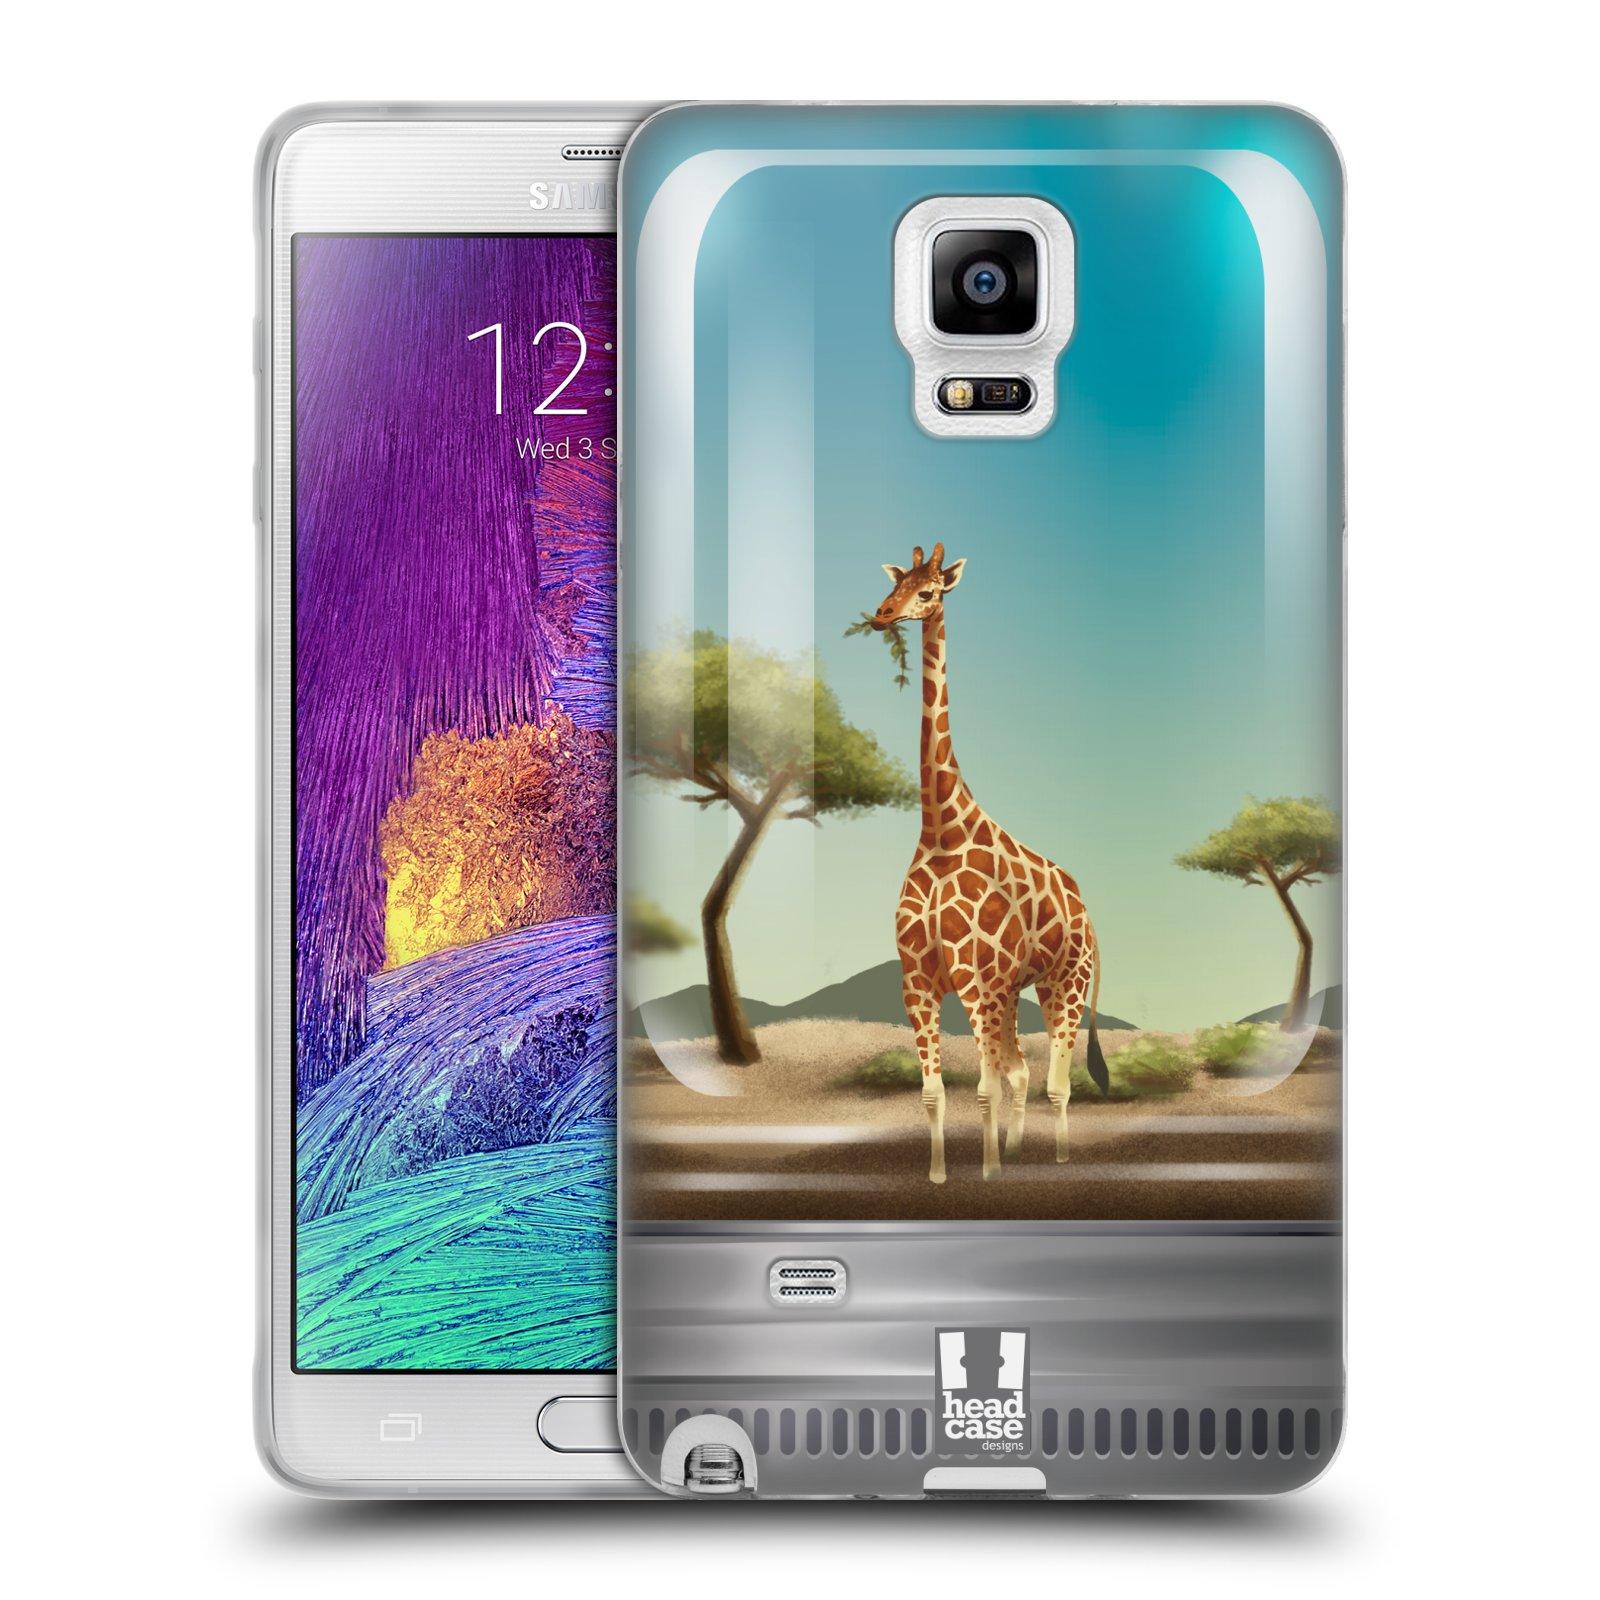 HEAD CASE silikonový obal na mobil Samsung Galaxy Note 4 (N910) vzor Zvířátka v těžítku žirafa